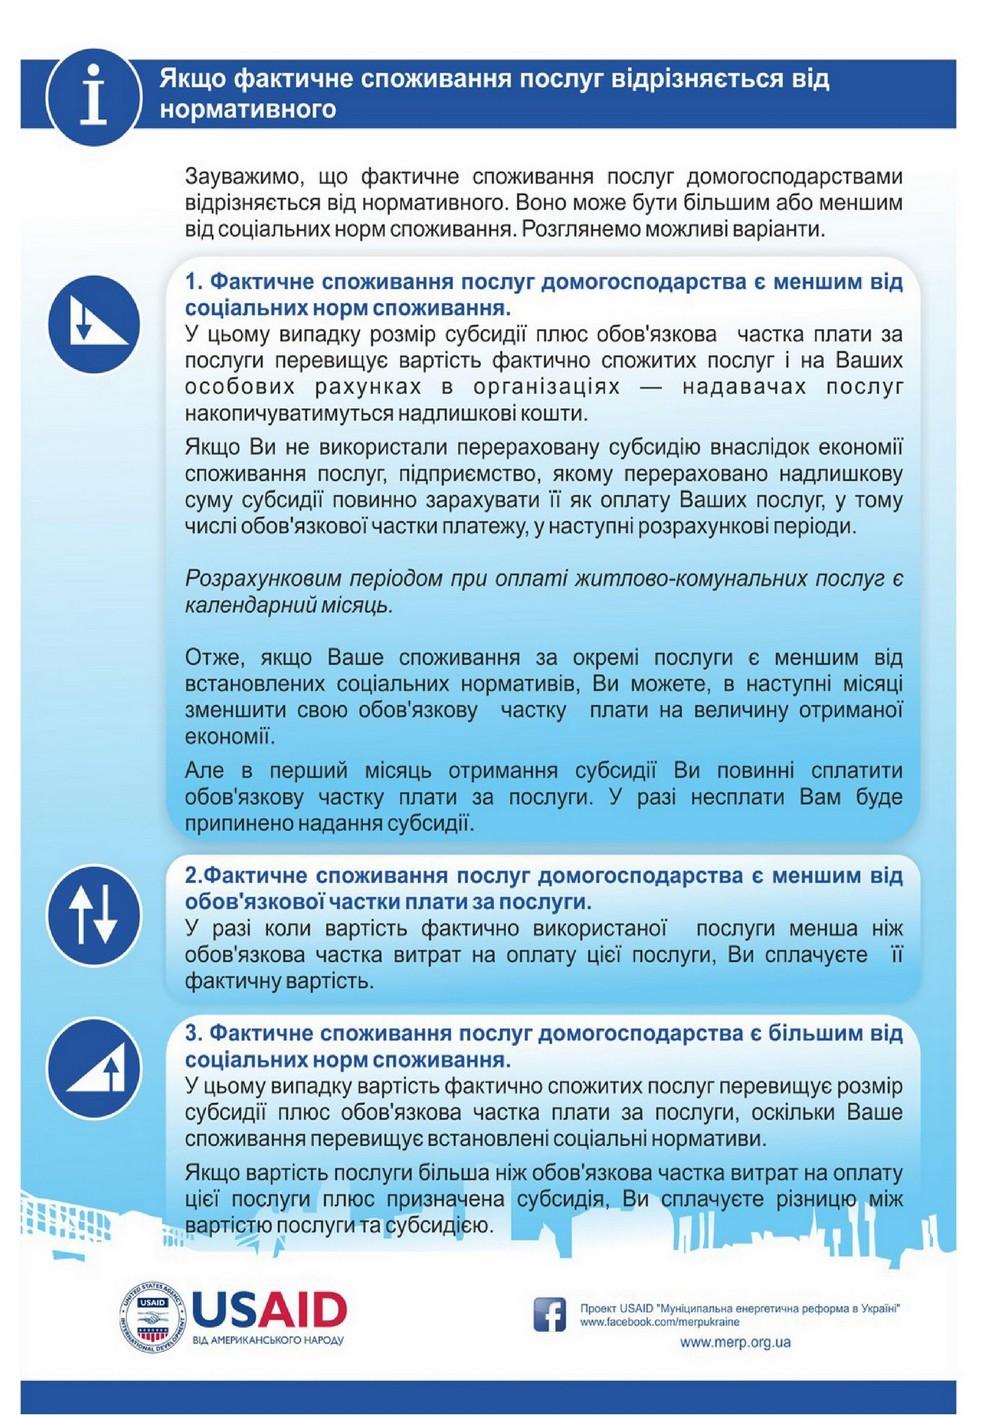 """Деякі актуальні питання щодо житлових субсидій 1_2 (Інформацію взято із сайту """"Інститут місцевого розвитку"""")"""